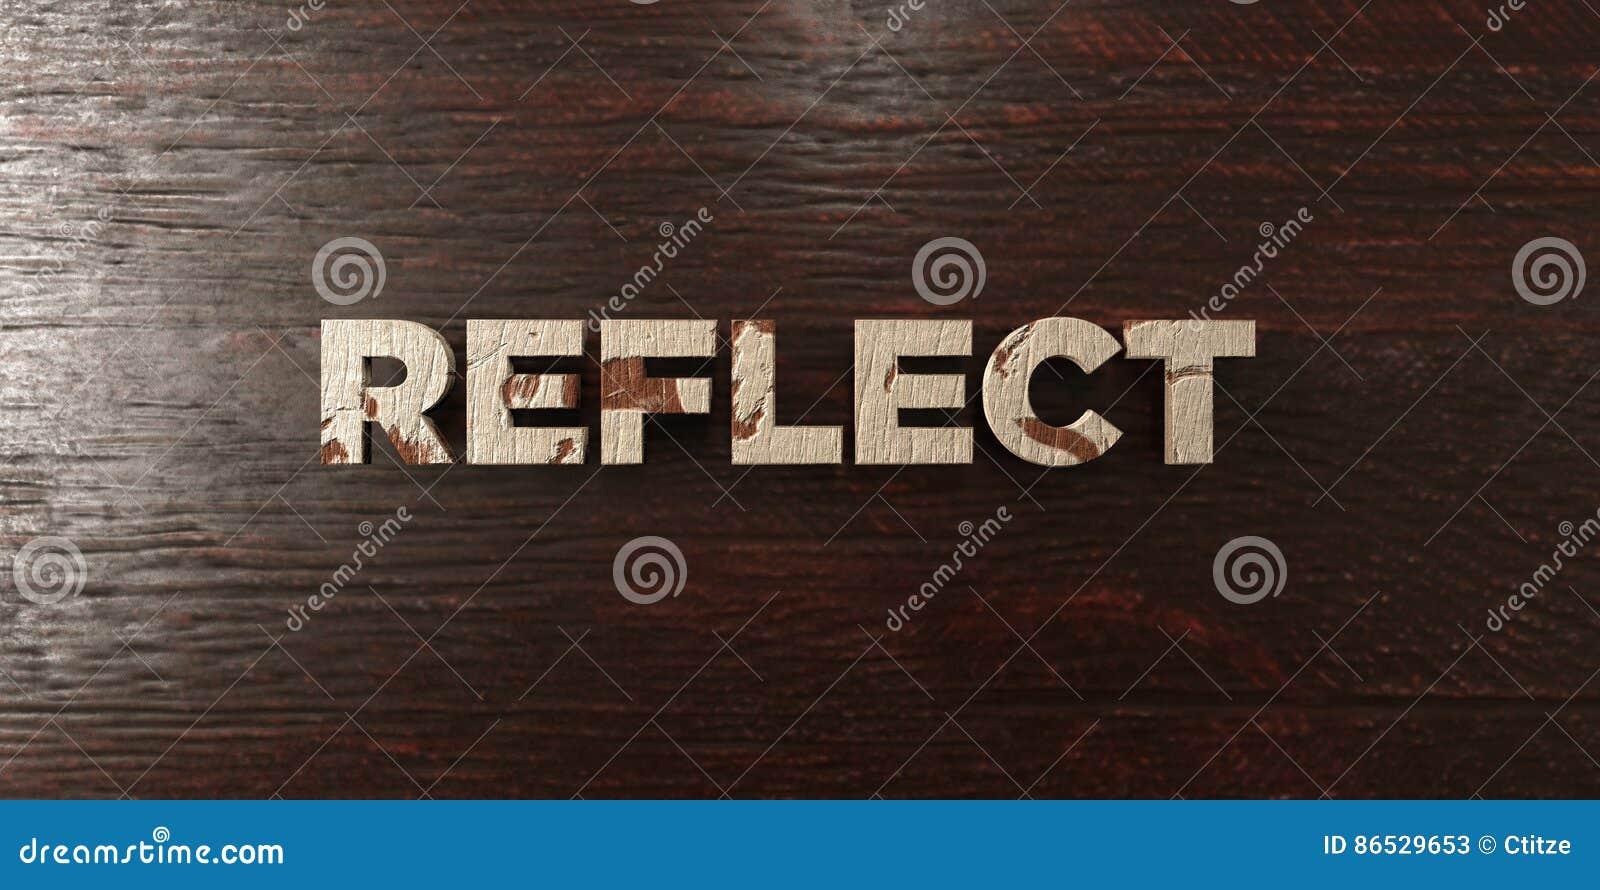 Απεικονίστε - βρώμικος ξύλινος τίτλος στο σφένδαμνο - το τρισδιάστατο δικαίωμα ελεύθερη εικόνα αποθεμάτων